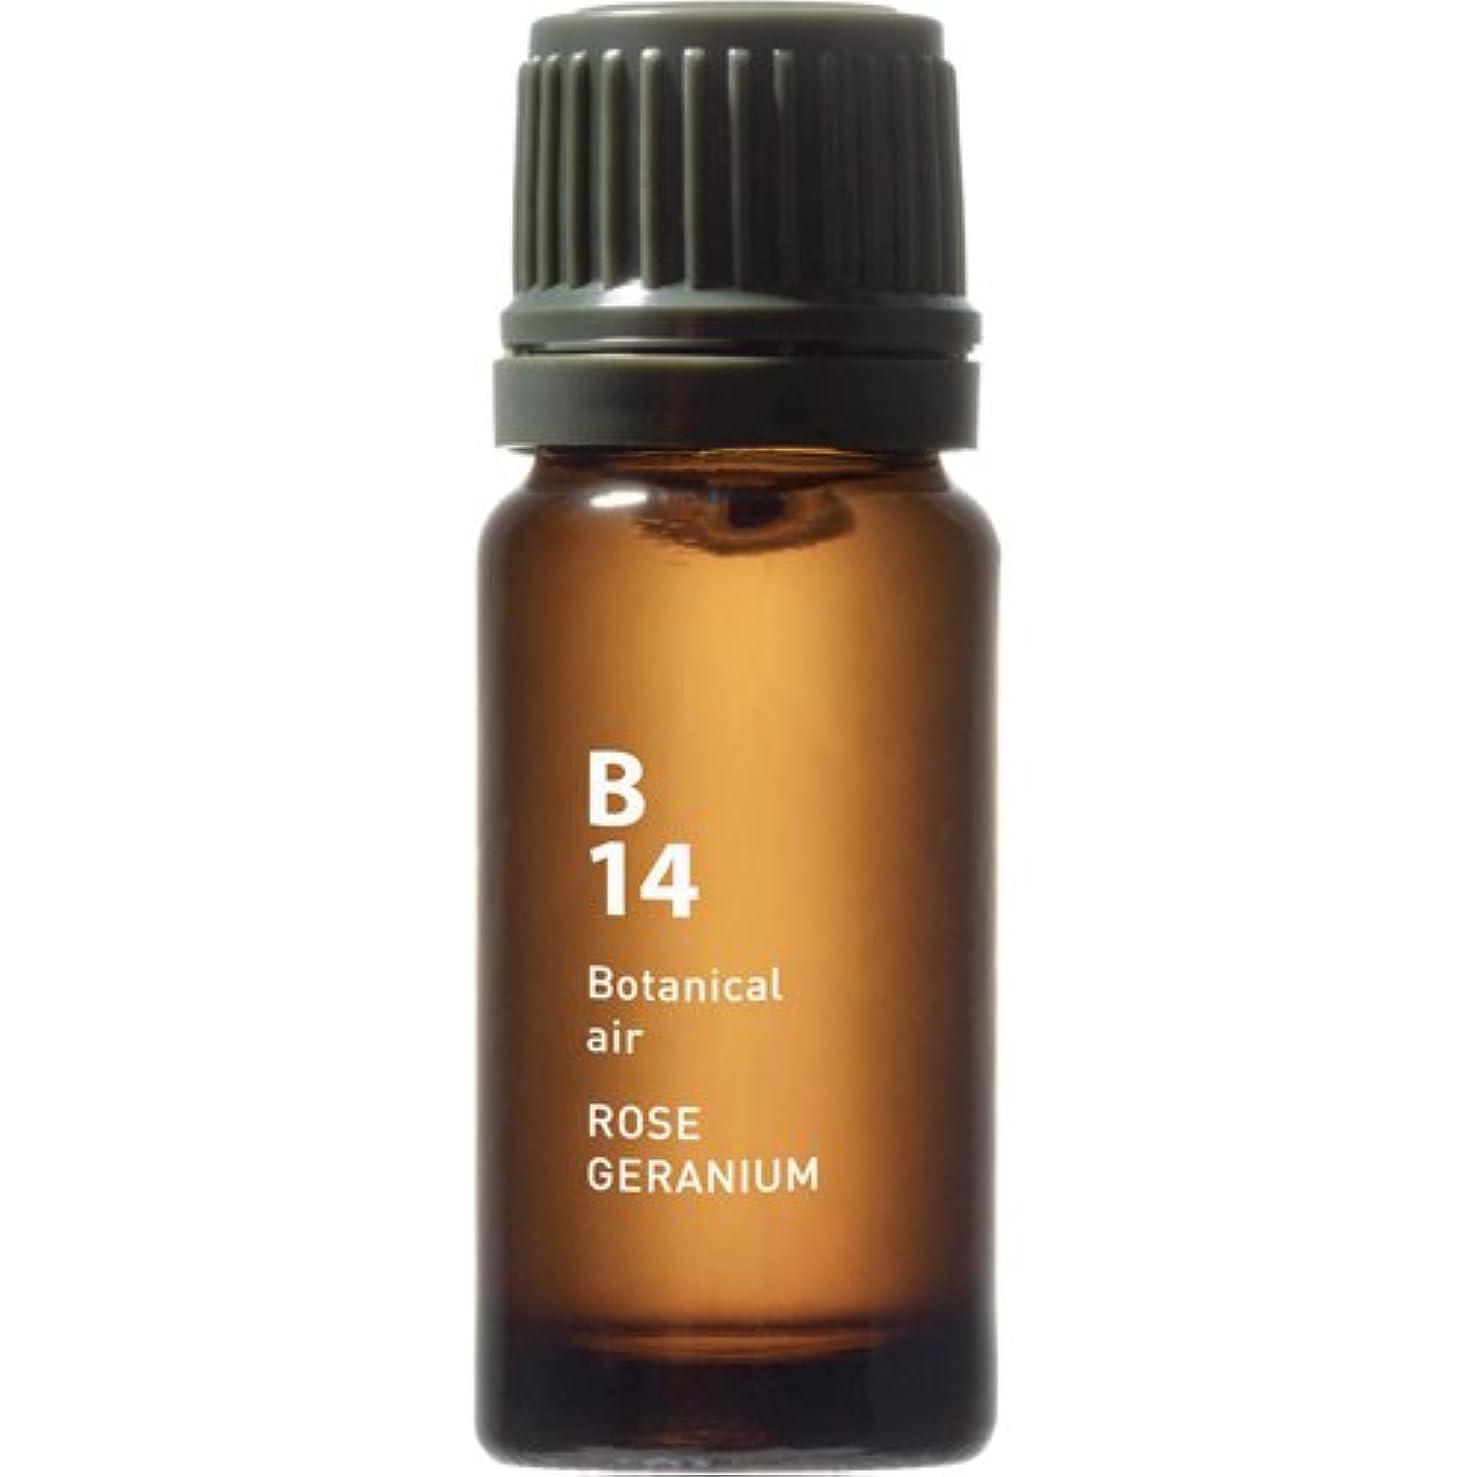 スリチンモイ描写欠伸B14 ローズゼラニウム Botanical air(ボタニカルエアー) 10ml